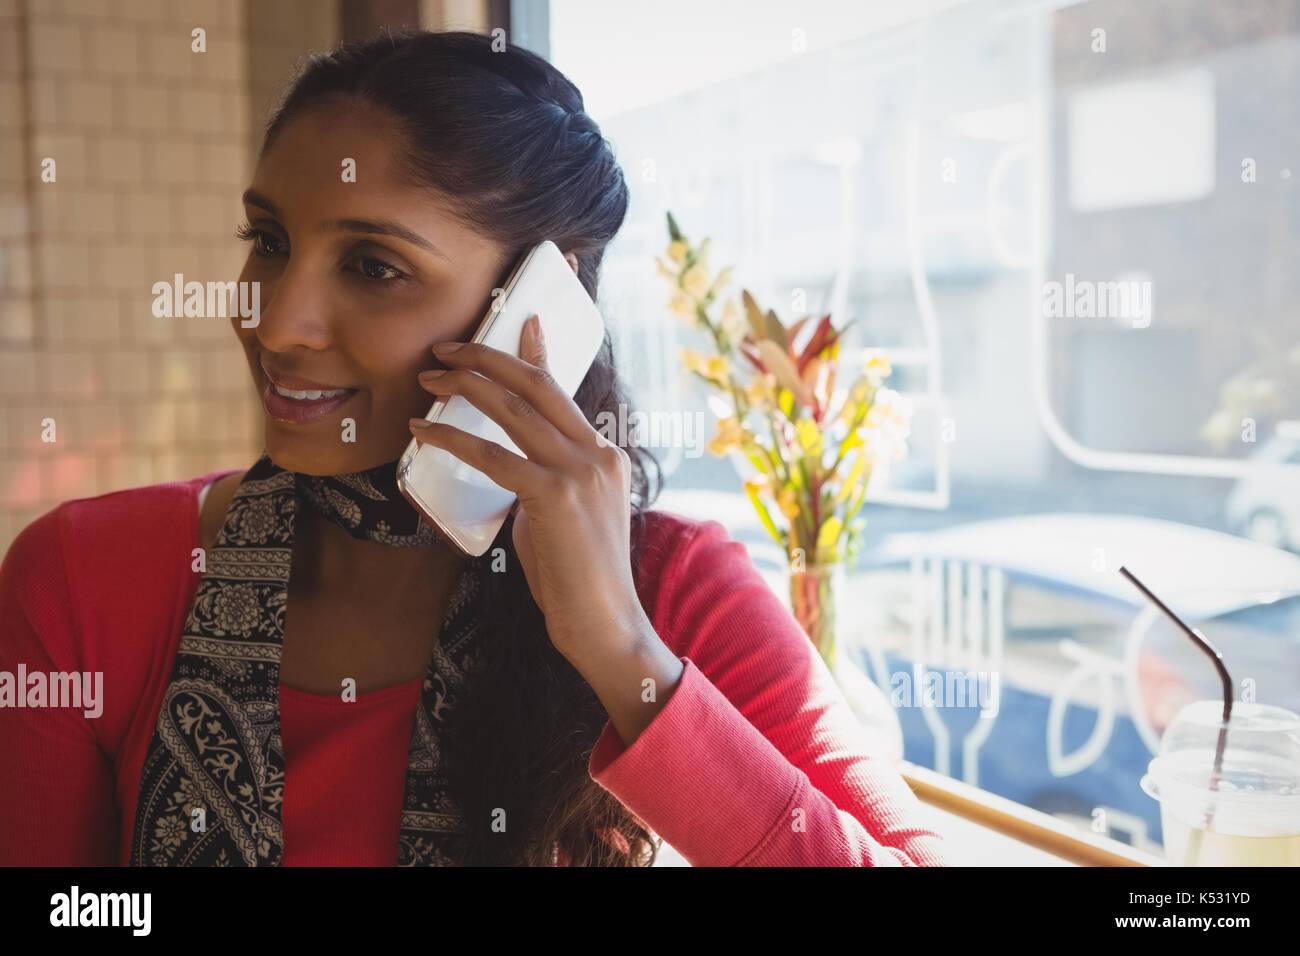 Mujer joven mirando a otro lado mientras habla por teléfono móvil en el cafe Imagen De Stock